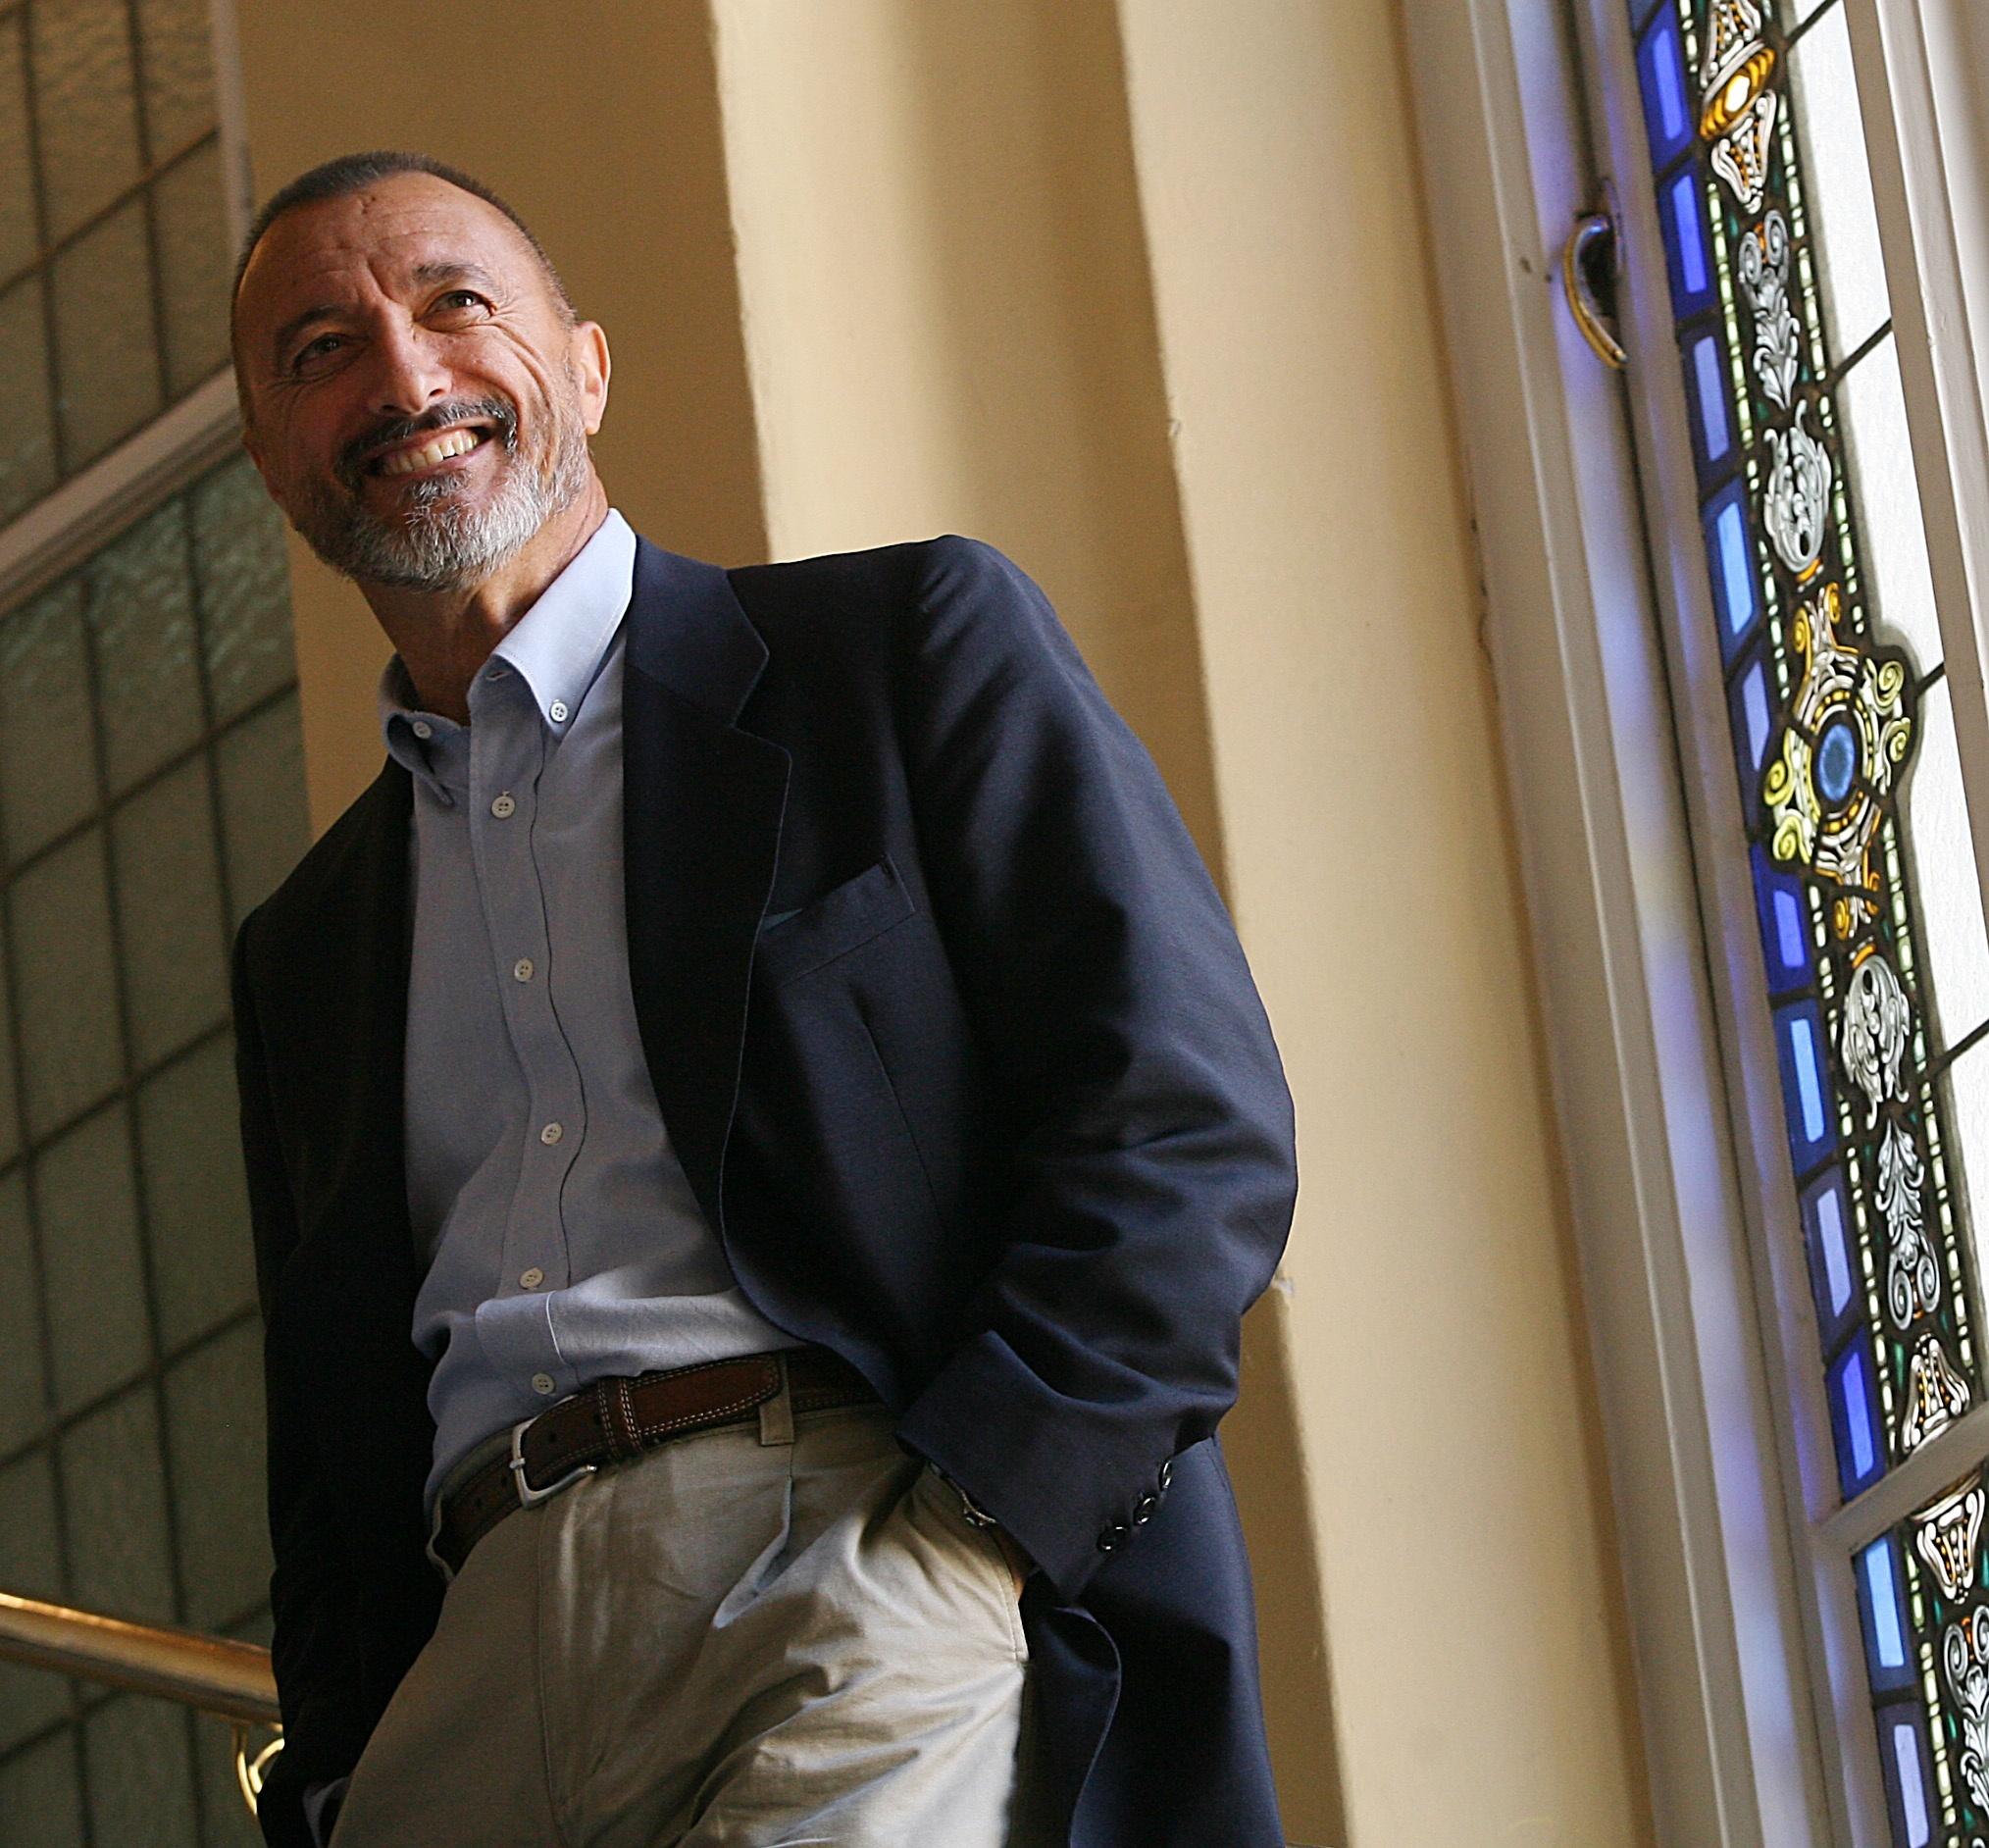 El jurado decide otorgar el Premio Nacional de Periodismo Pedro Antonio de Alarcón a Arturo Pérez Reverte